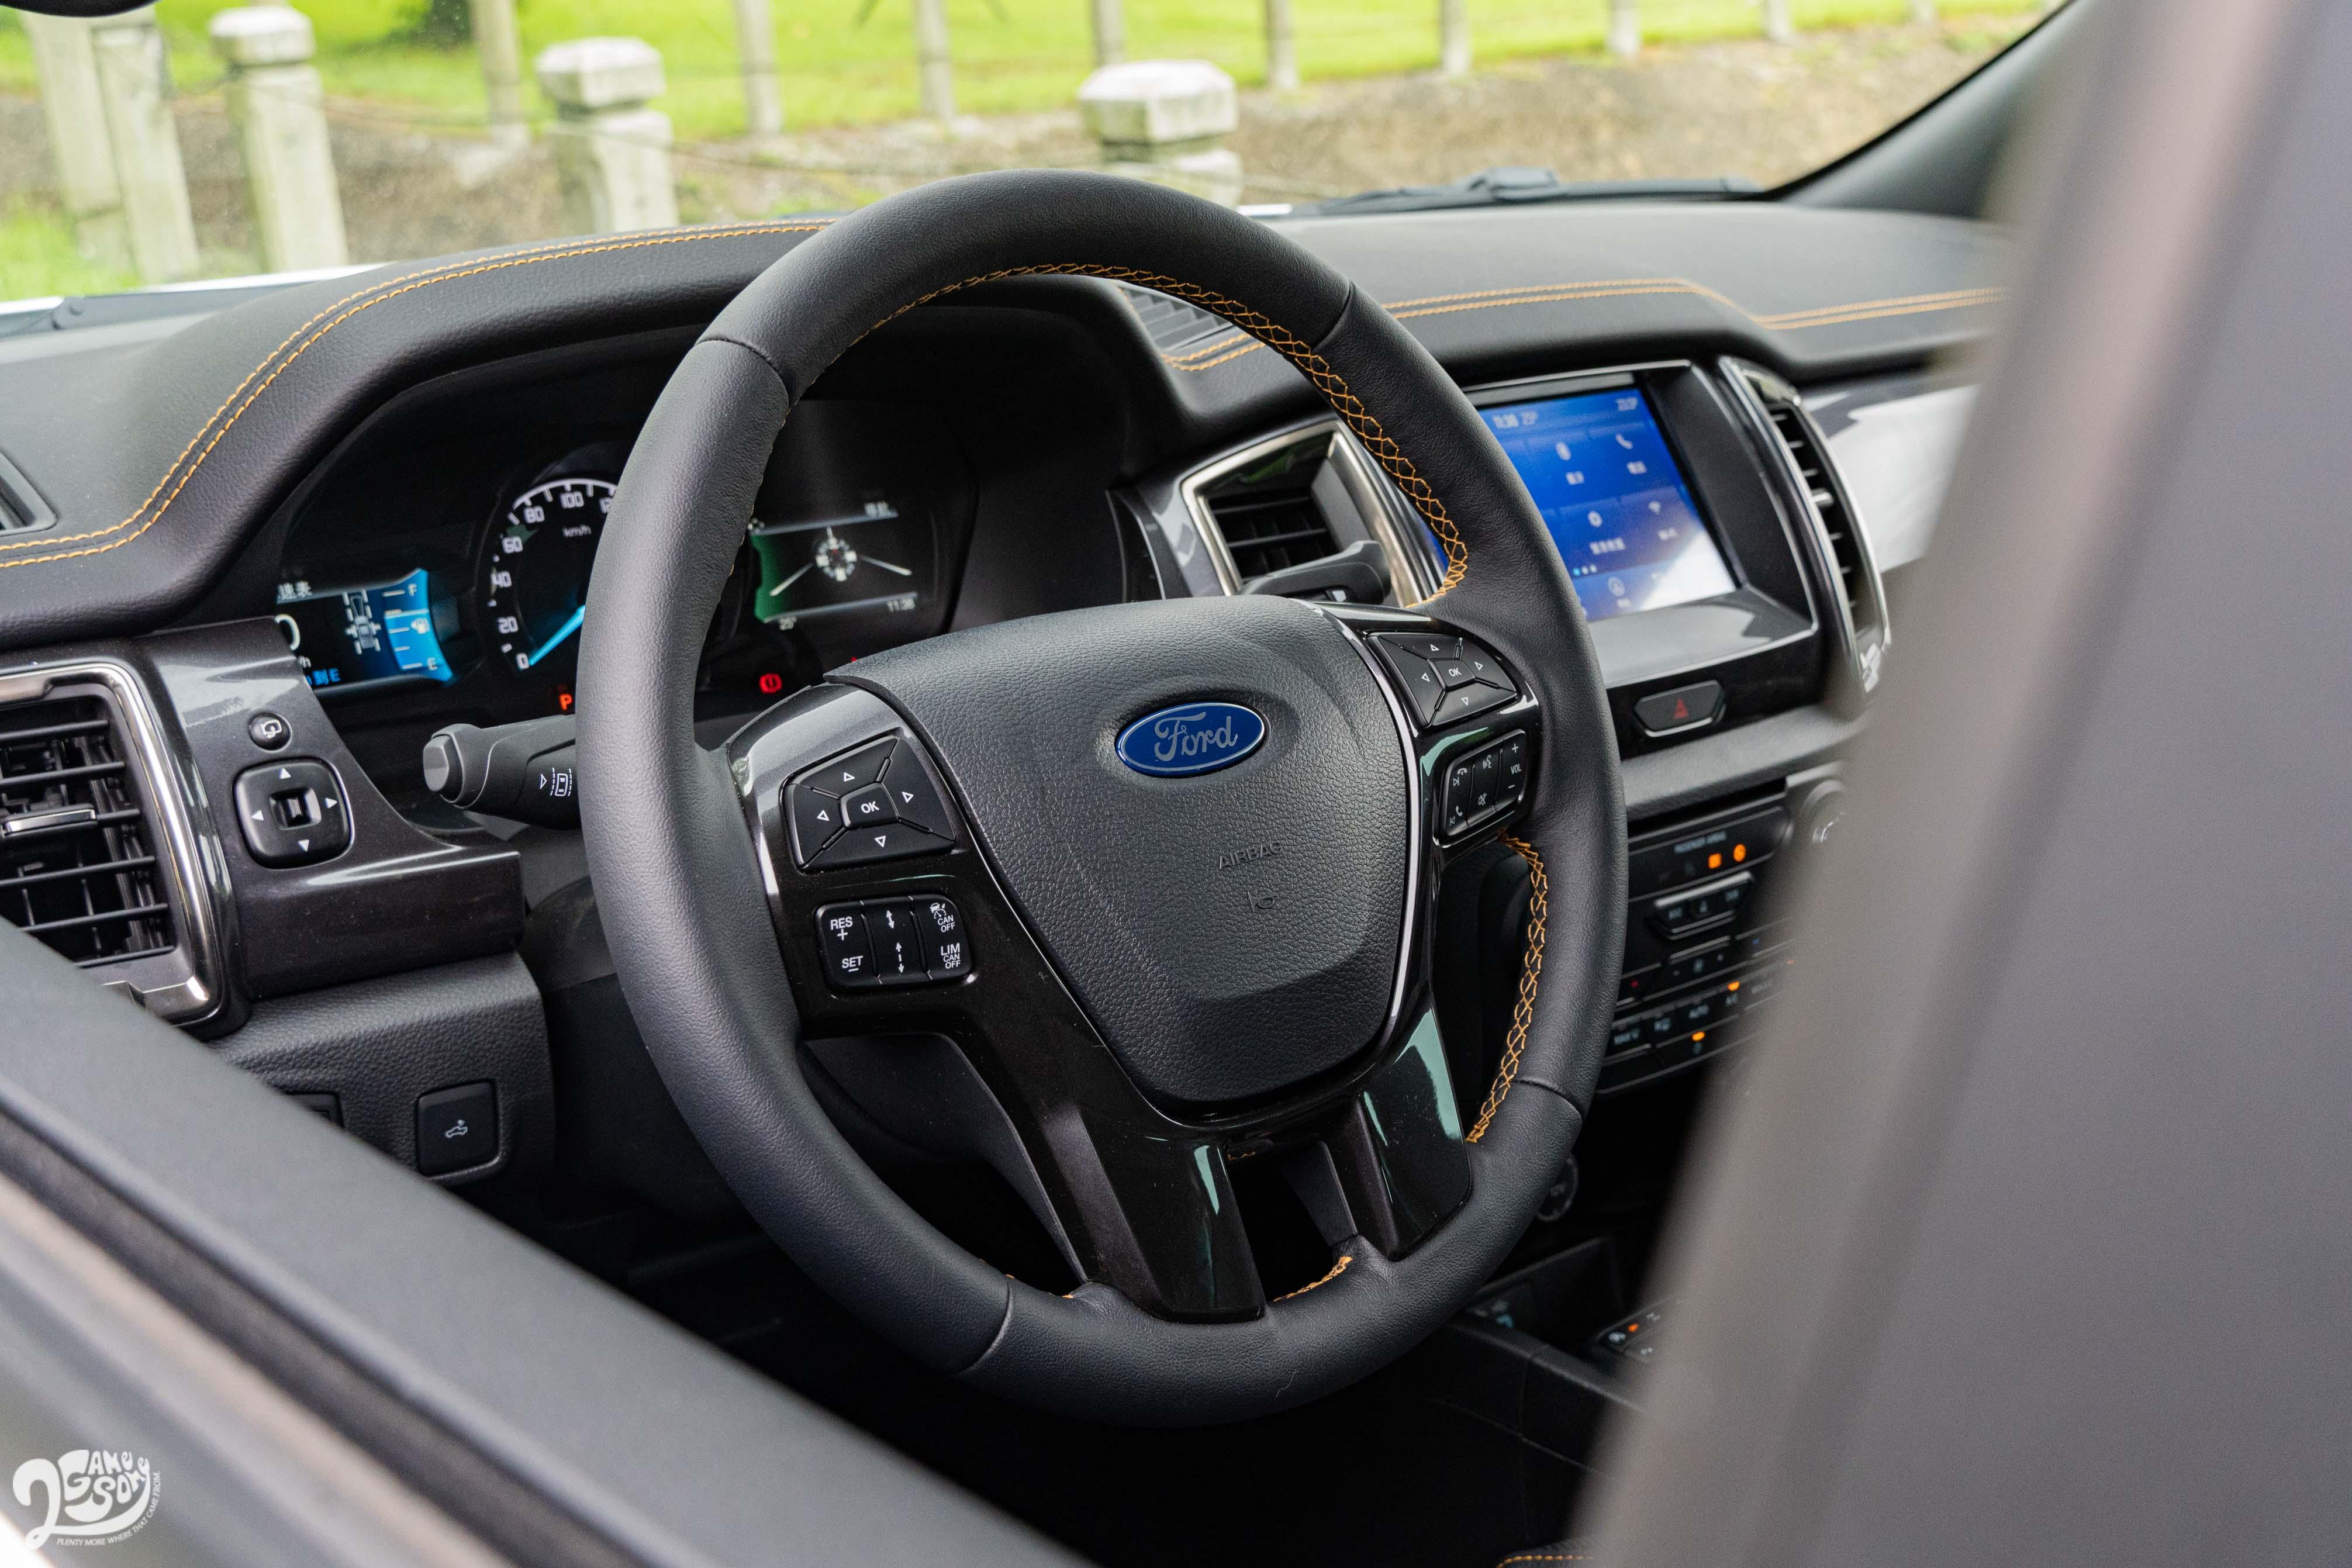 Ranger 操控不比一般休旅車,轉向也含糊重手了點。